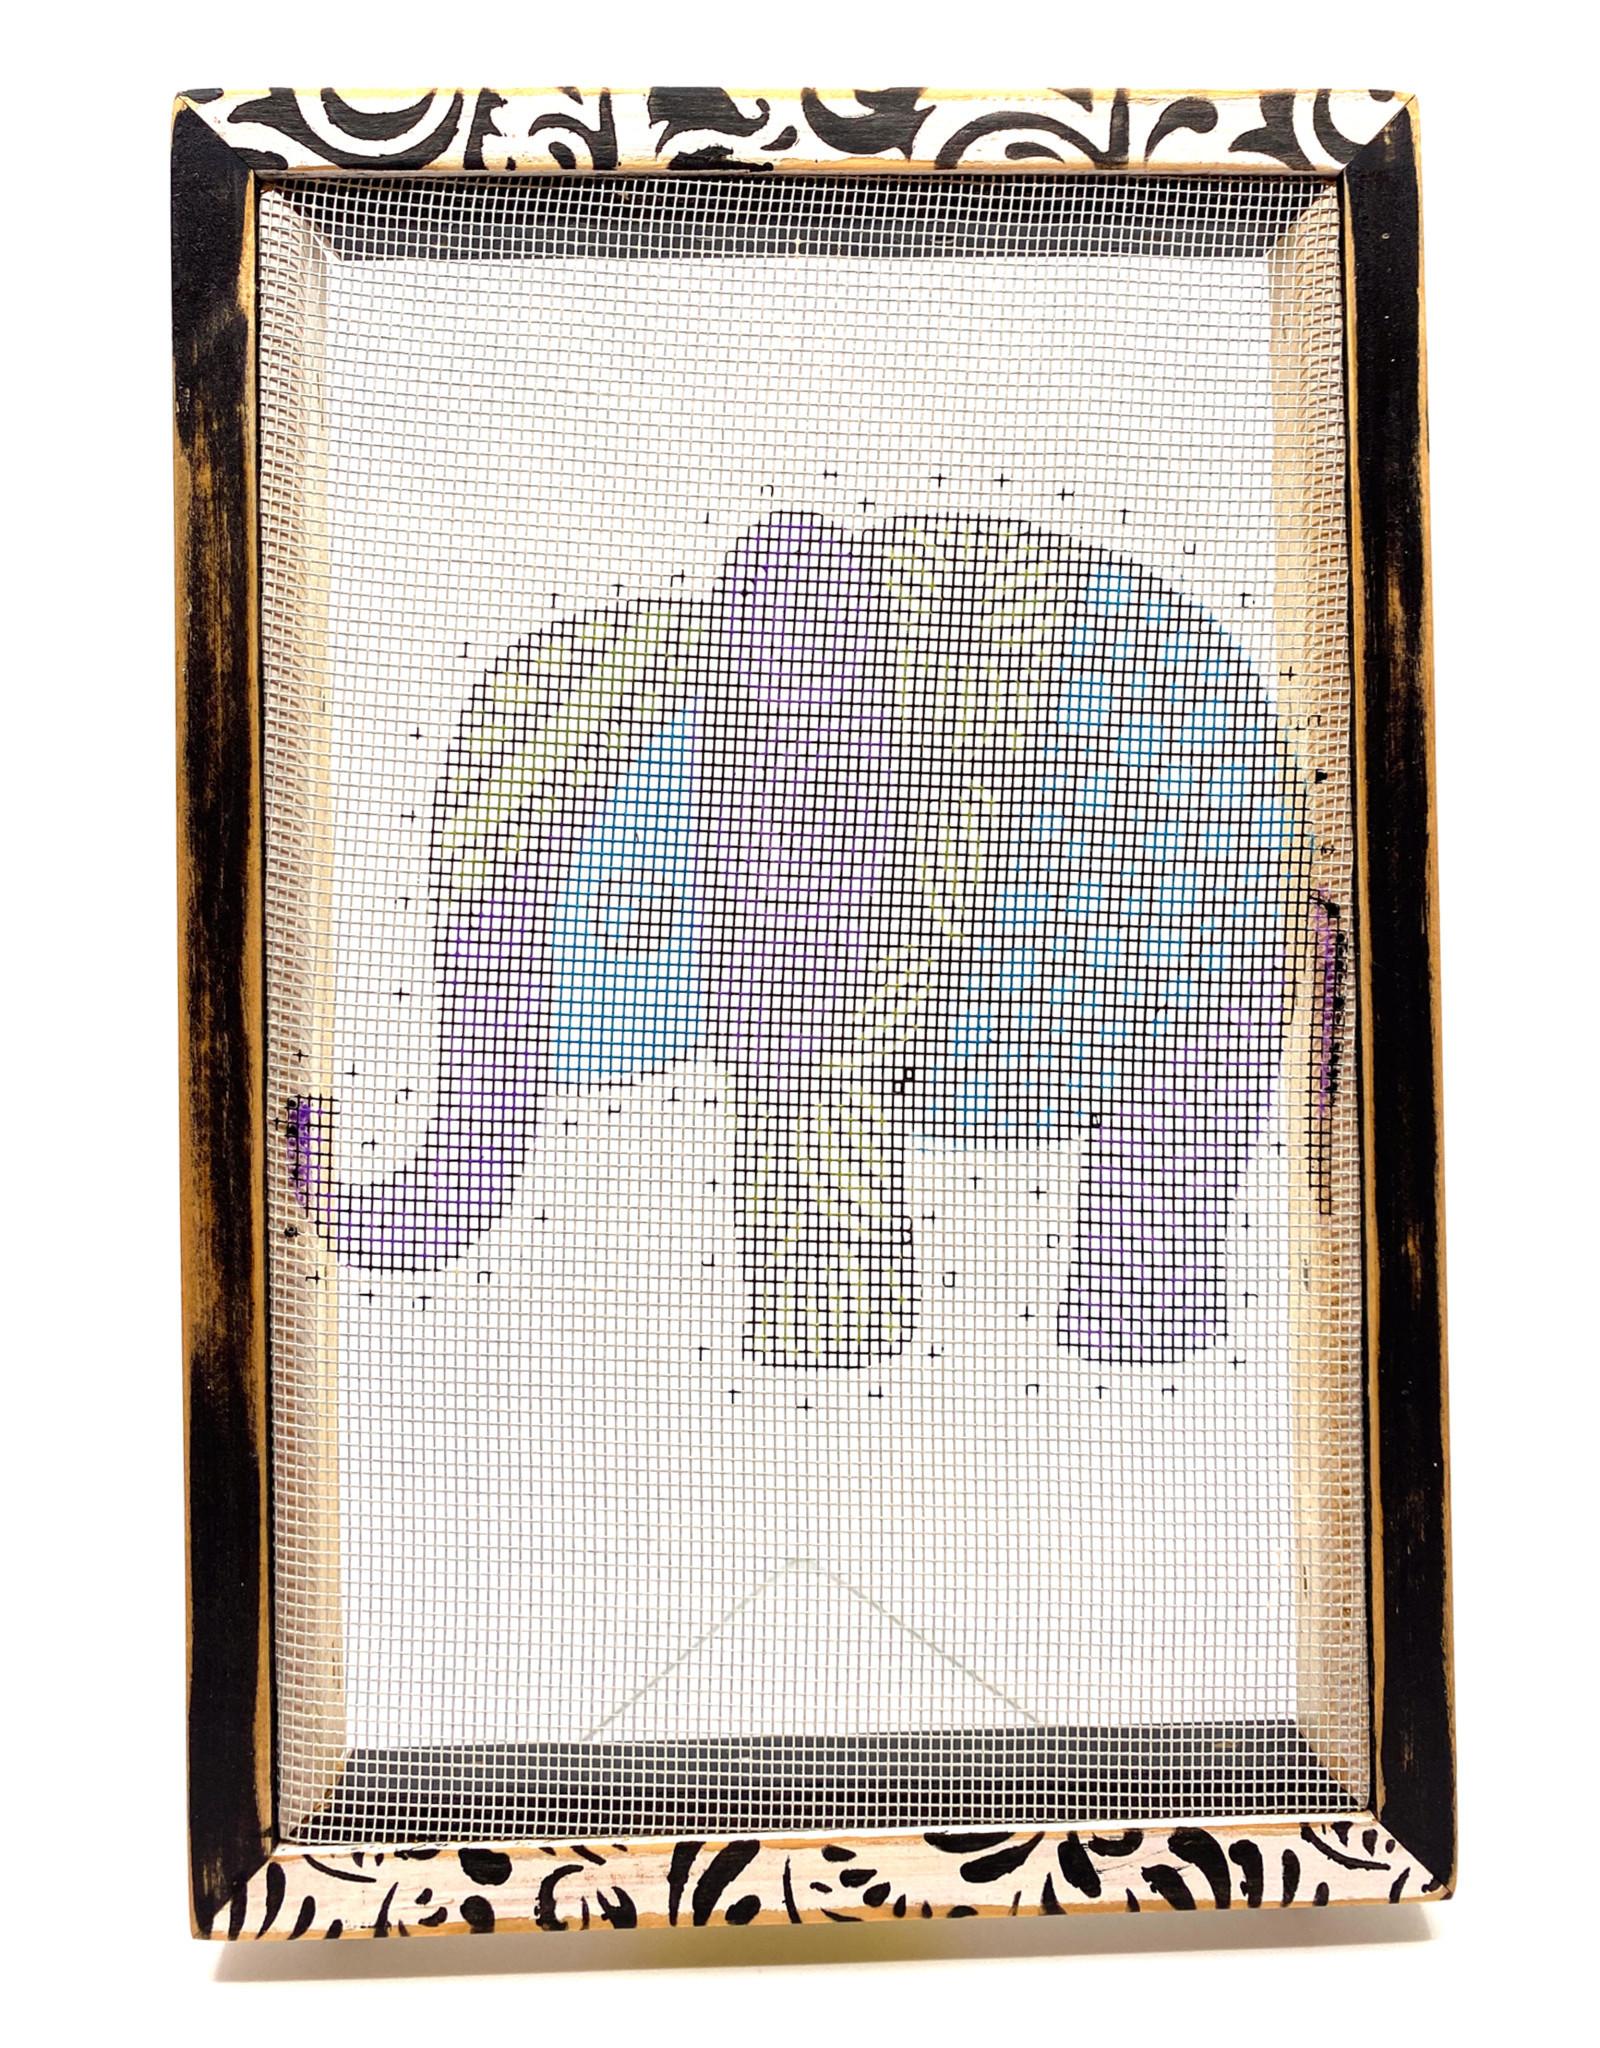 EARRING HOLDER GALLERY ELEPHANT CLASSIC EARRING HOLDER